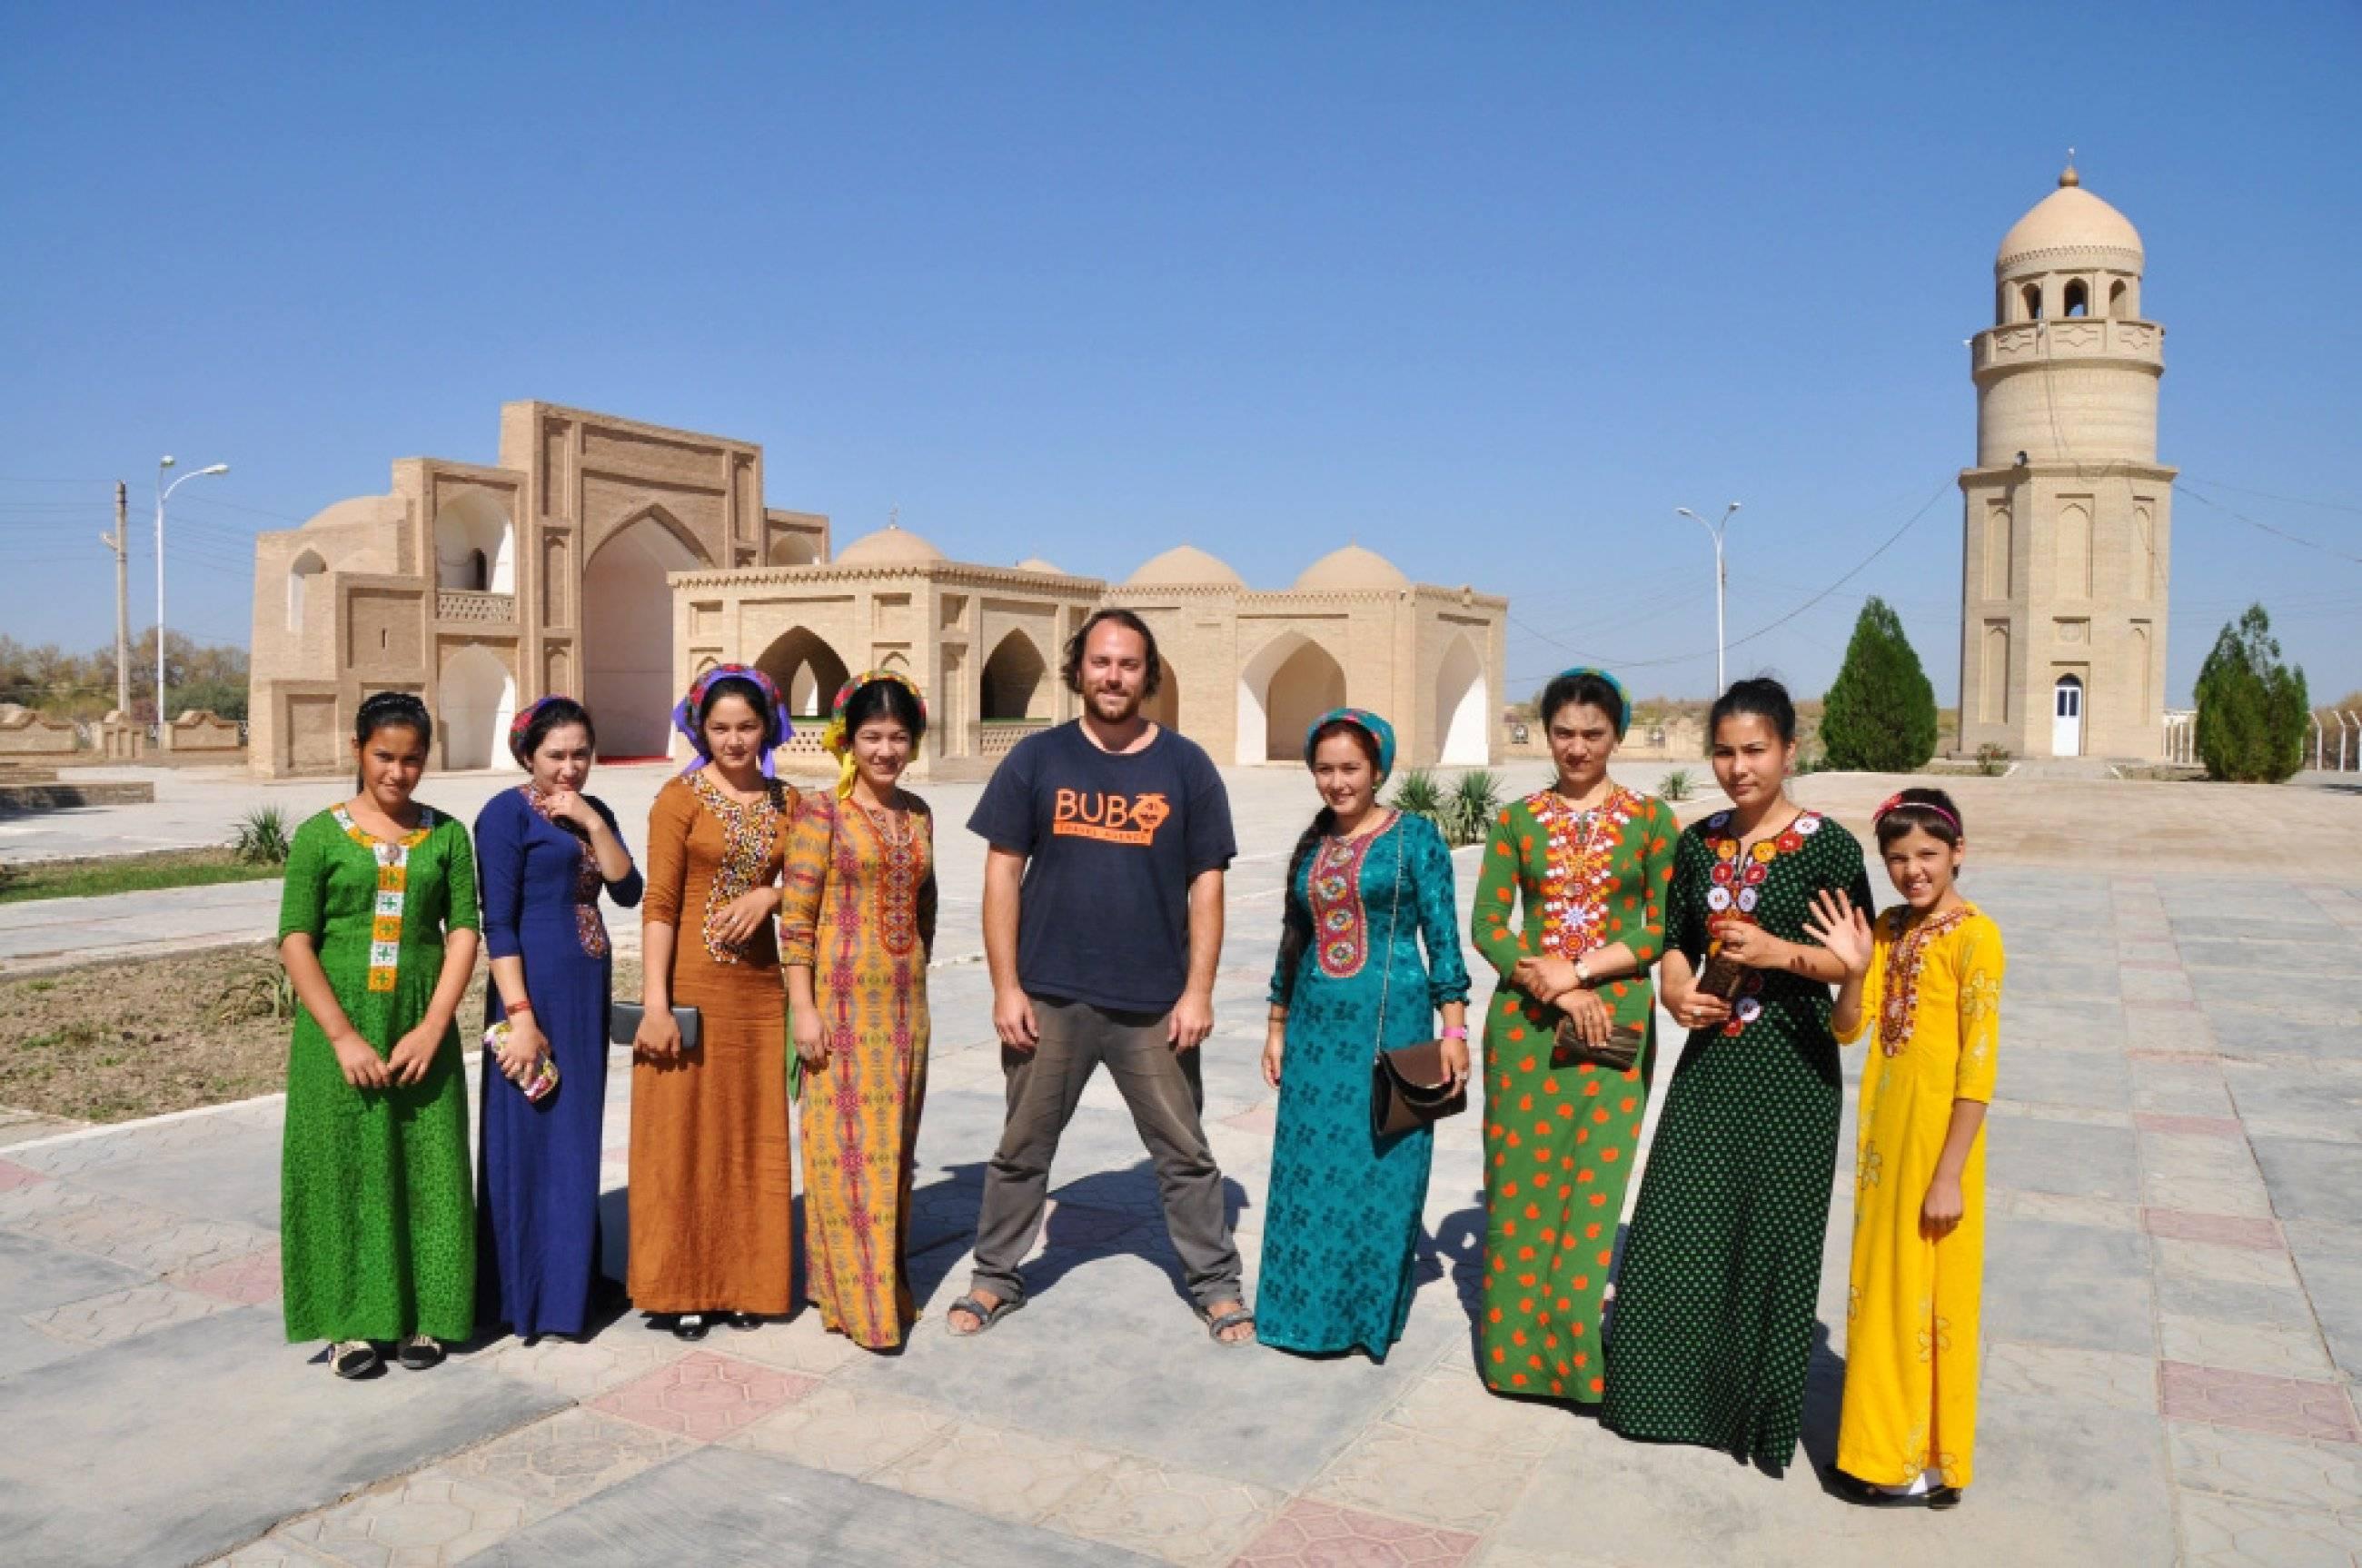 d00e70690 BUBO v obklopení pestrofarebných turkménskych žien na mieste hrobky Jusúfa  al-Hamadániho